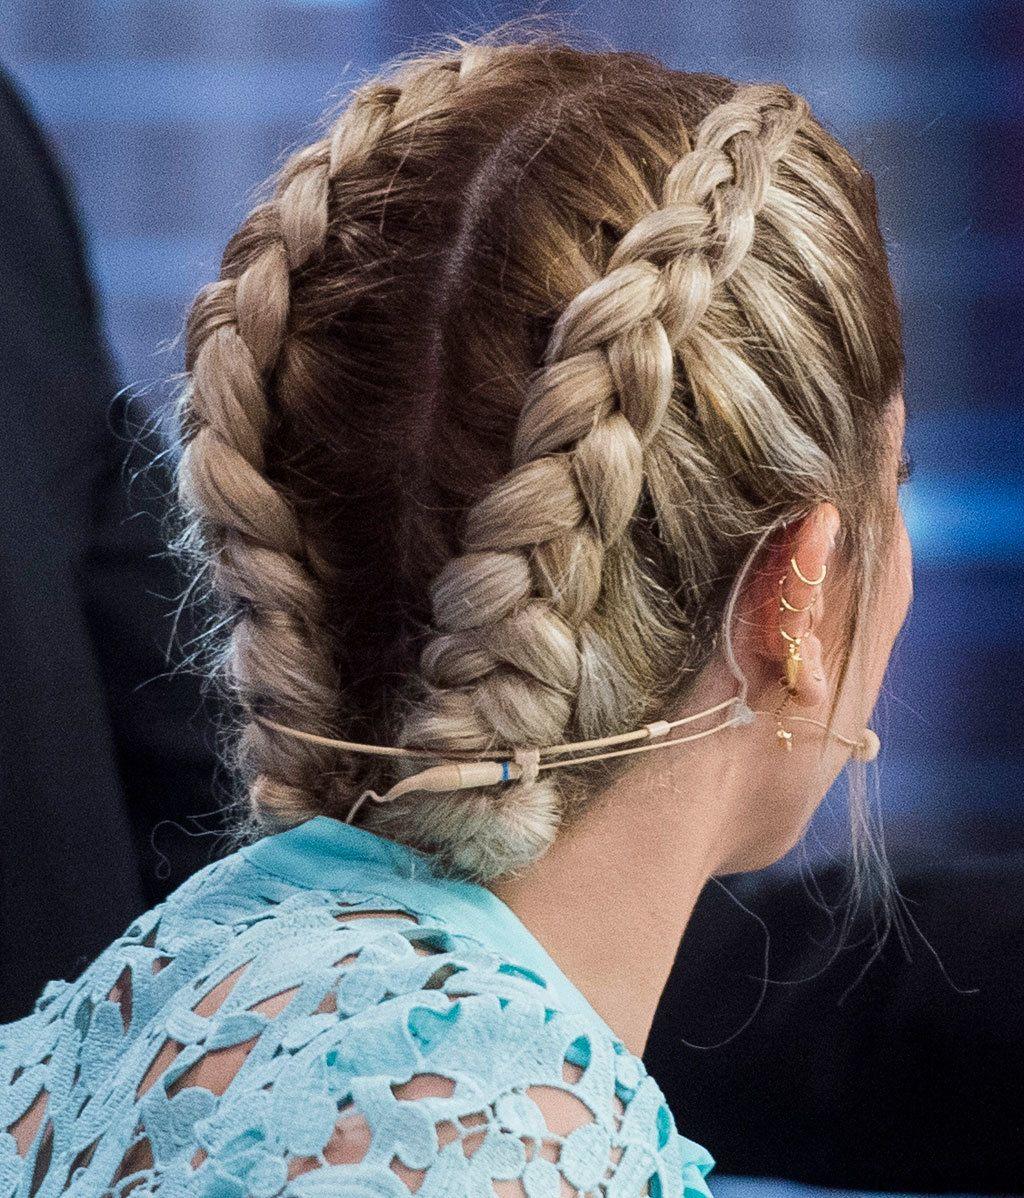 El peinado de moda: Las trenzas más originales, según Blanca Suárez, para esta temporada